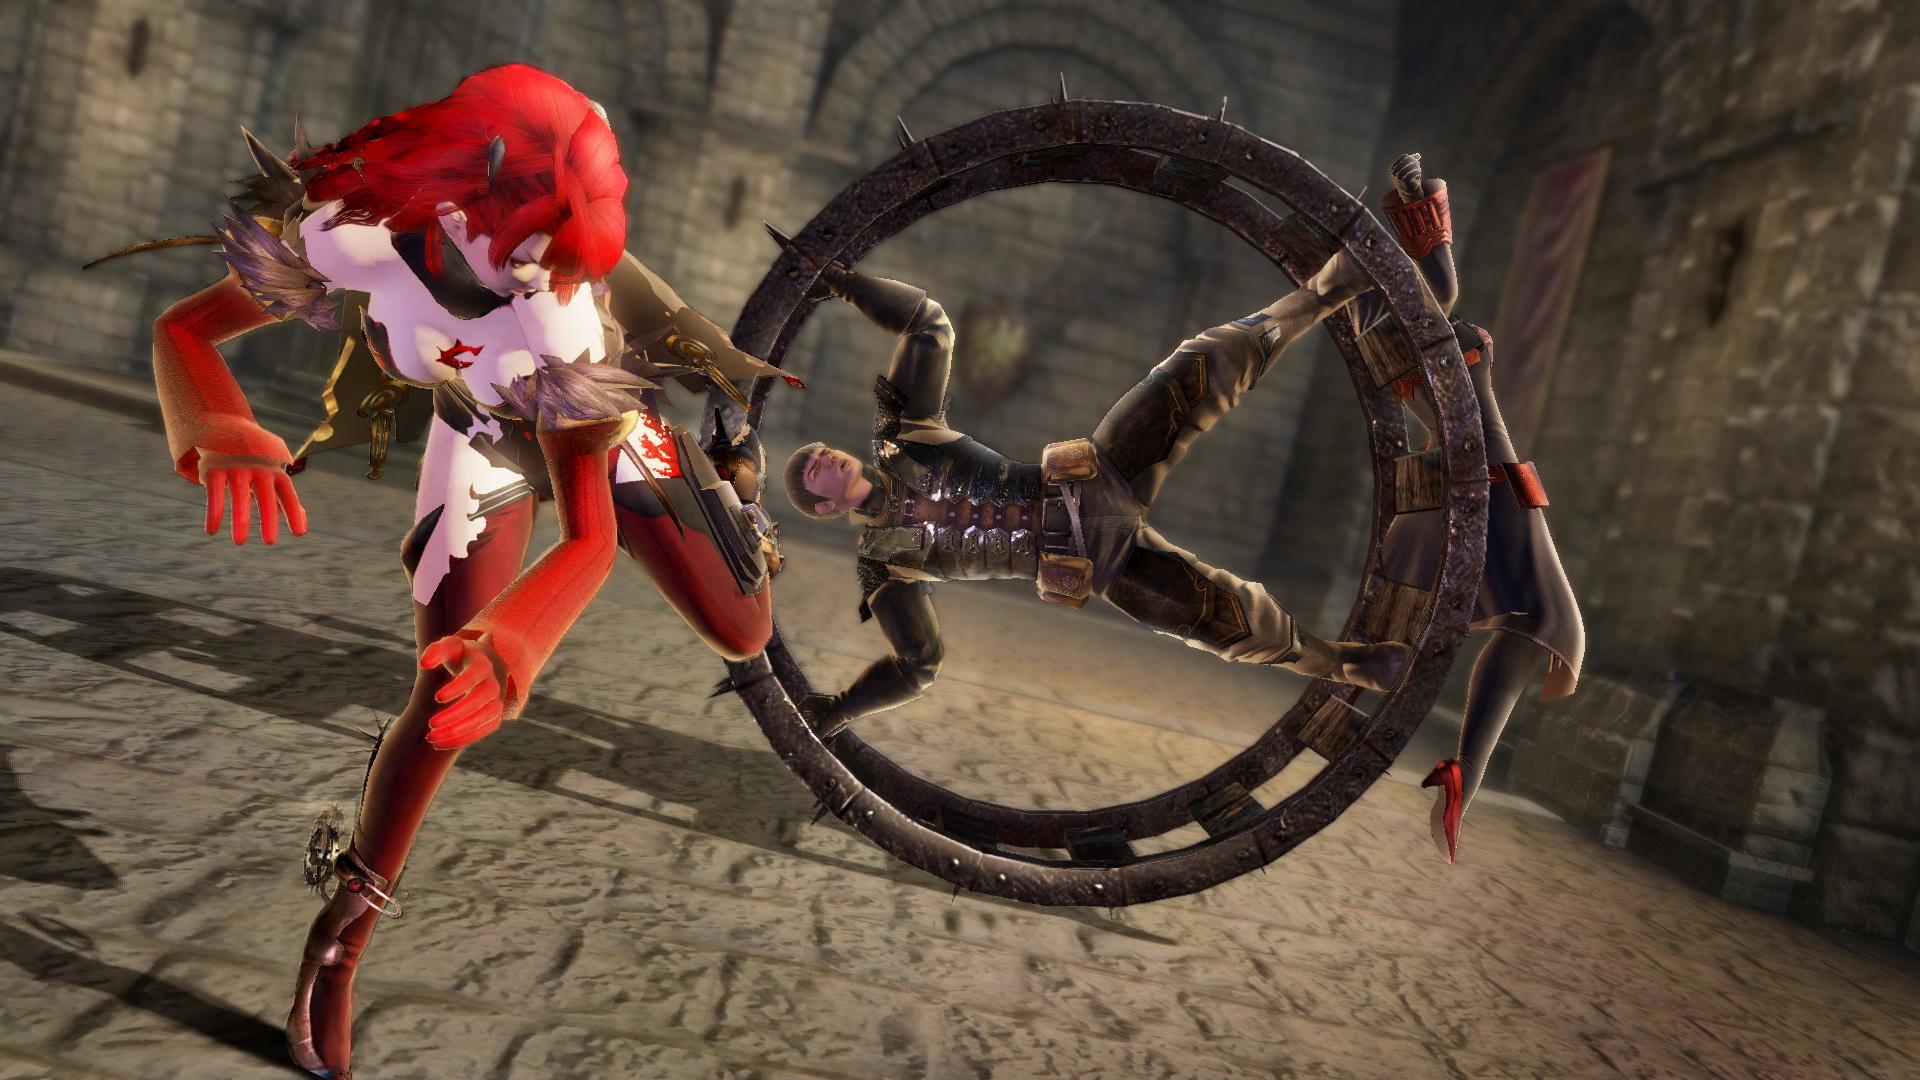 「ゴウモンシャリン」は中心に敵をはめることも可能。側面から吹っ飛ばして中を狙っていく。ステップキックで敵を車輪の側面にふっ飛ばせば中にはめられる